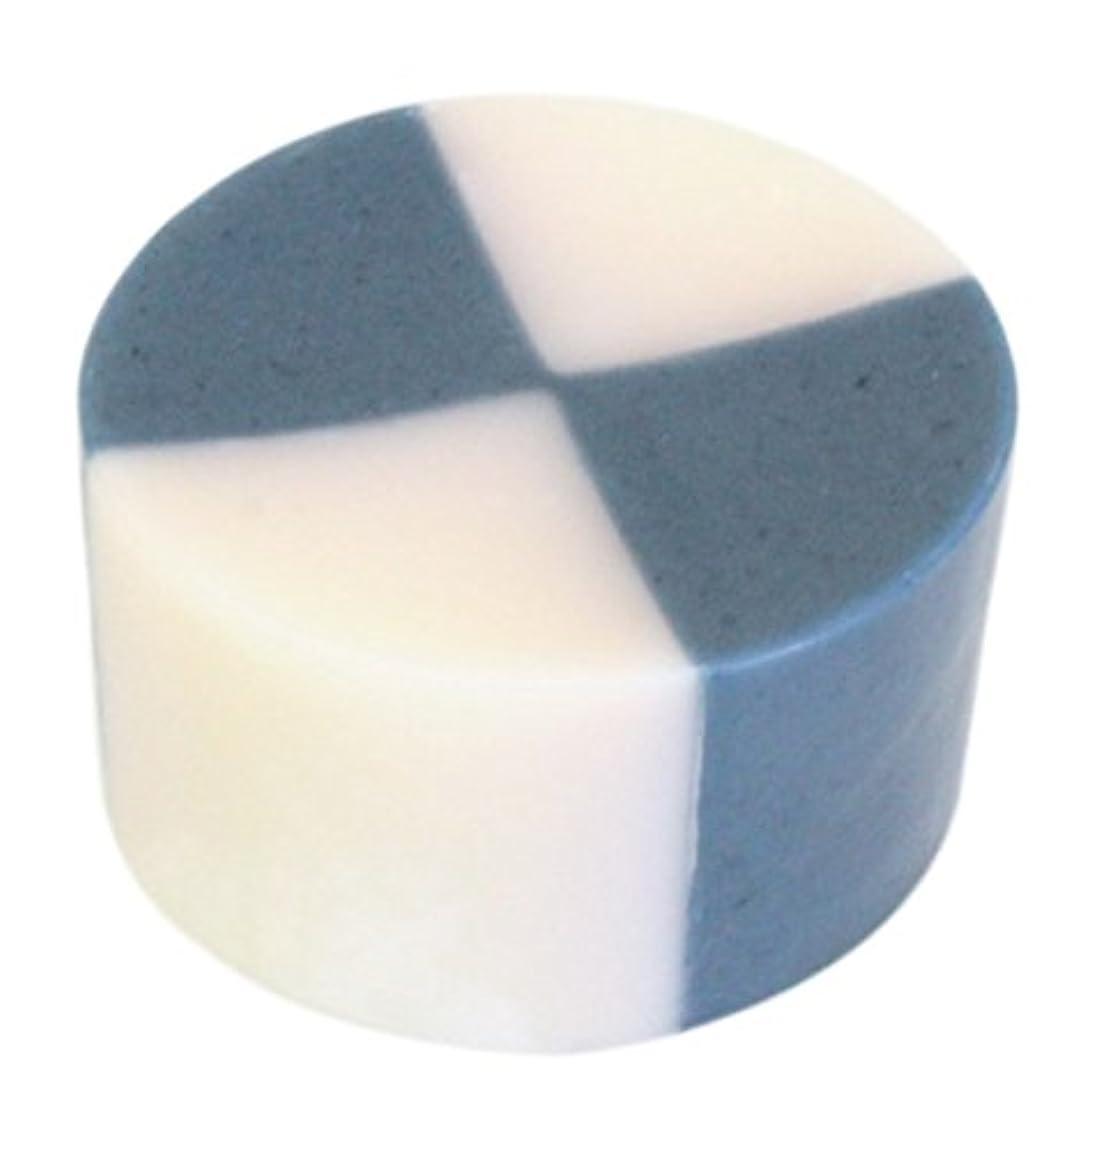 最初繰り返すリップ藍色工房 藍染め石けん「いちまつ」(60g)